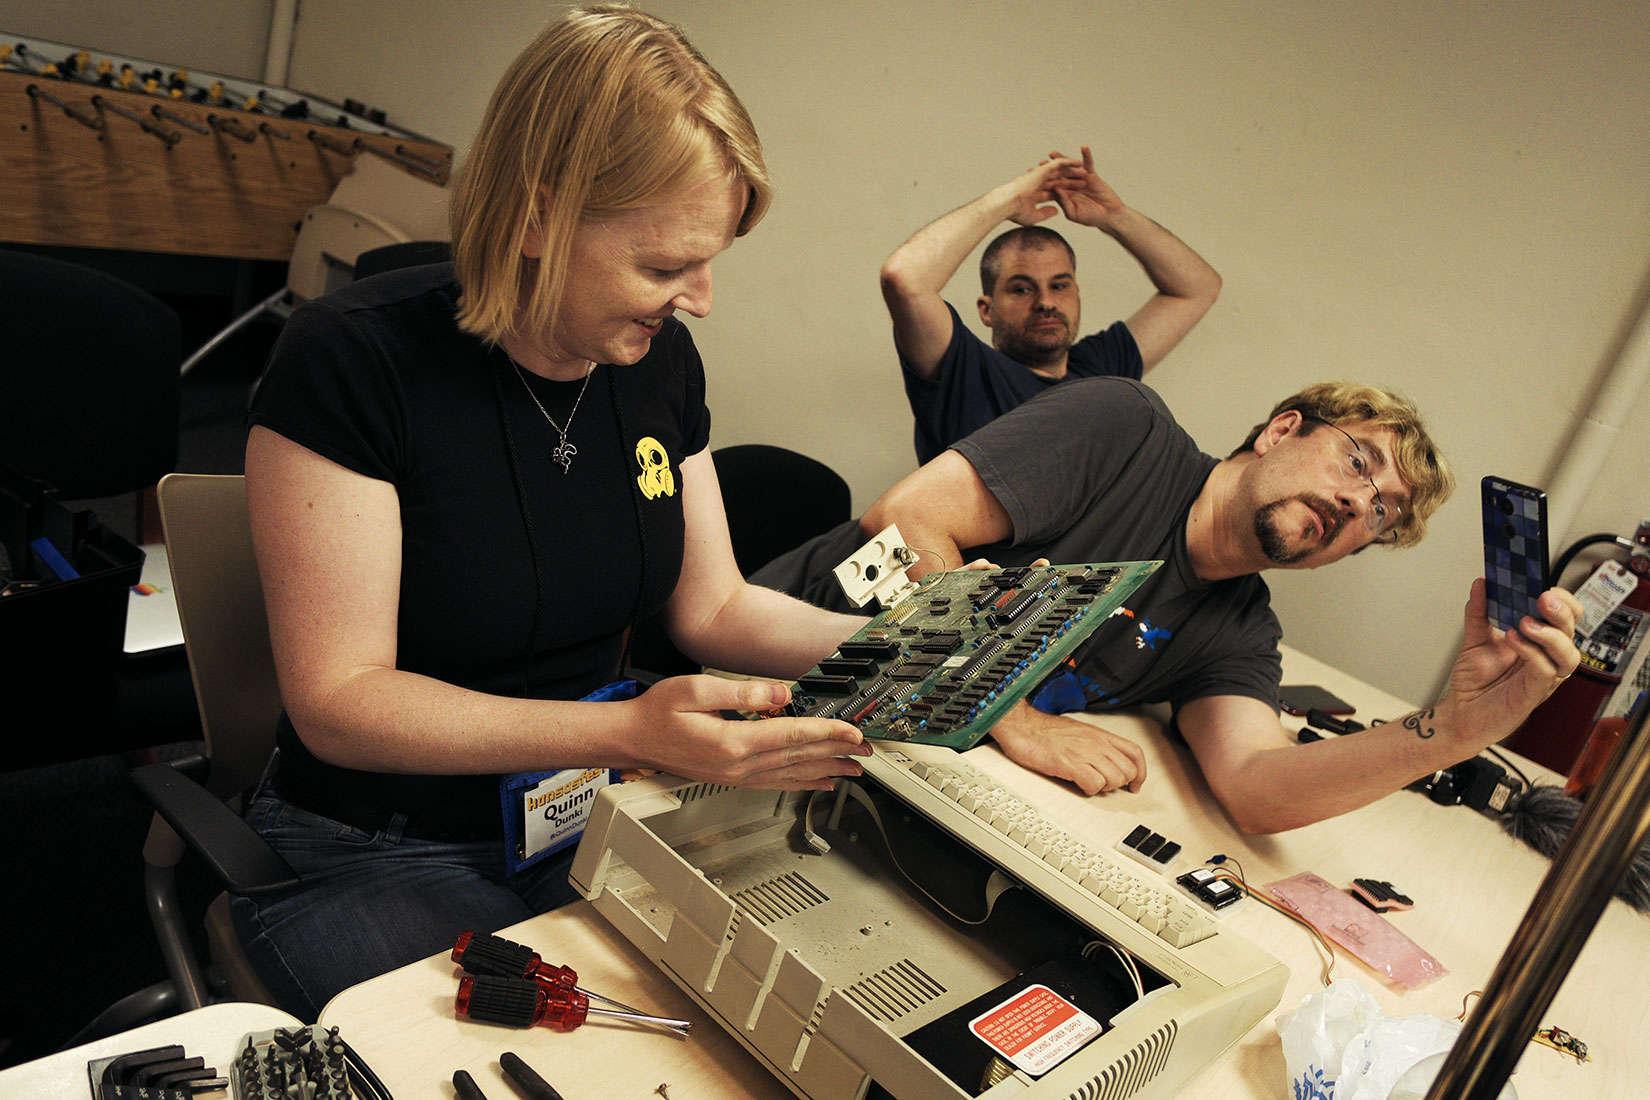 KansasFest soldering 1